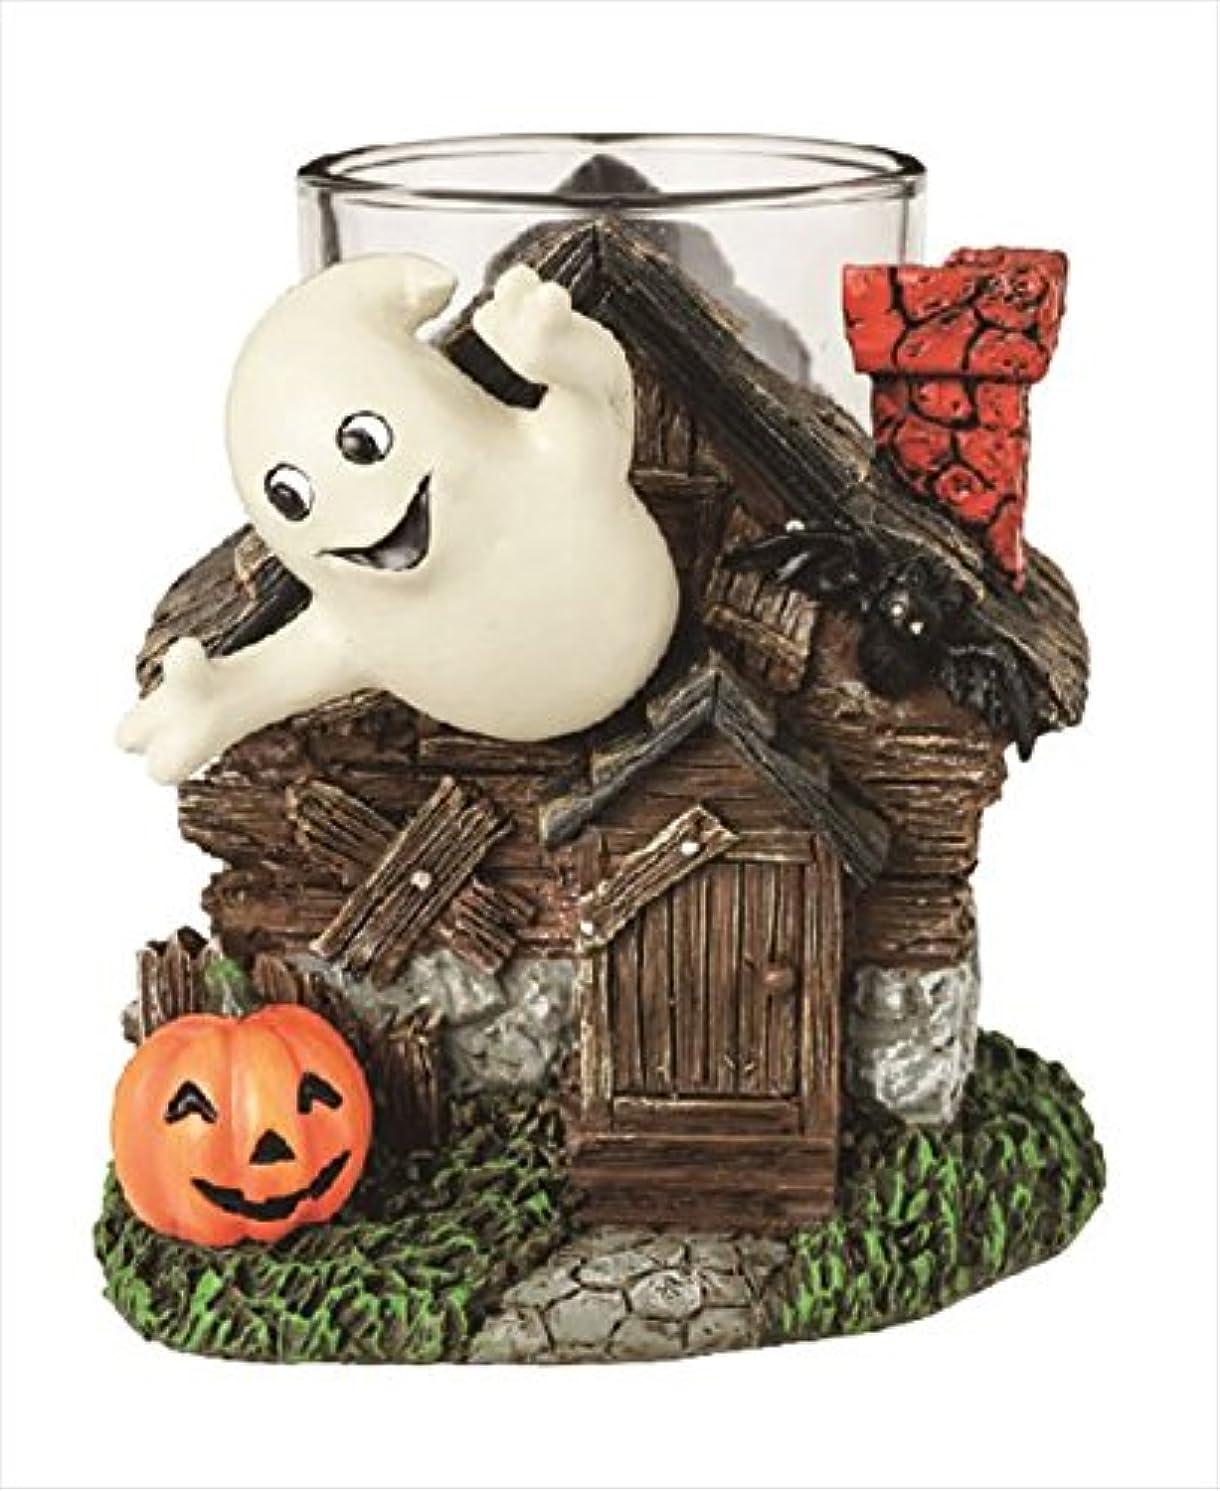 施しわずかな逃げるカメヤマキャンドル(kameyama candle) ハロウィンゴーストキャンドルホルダー